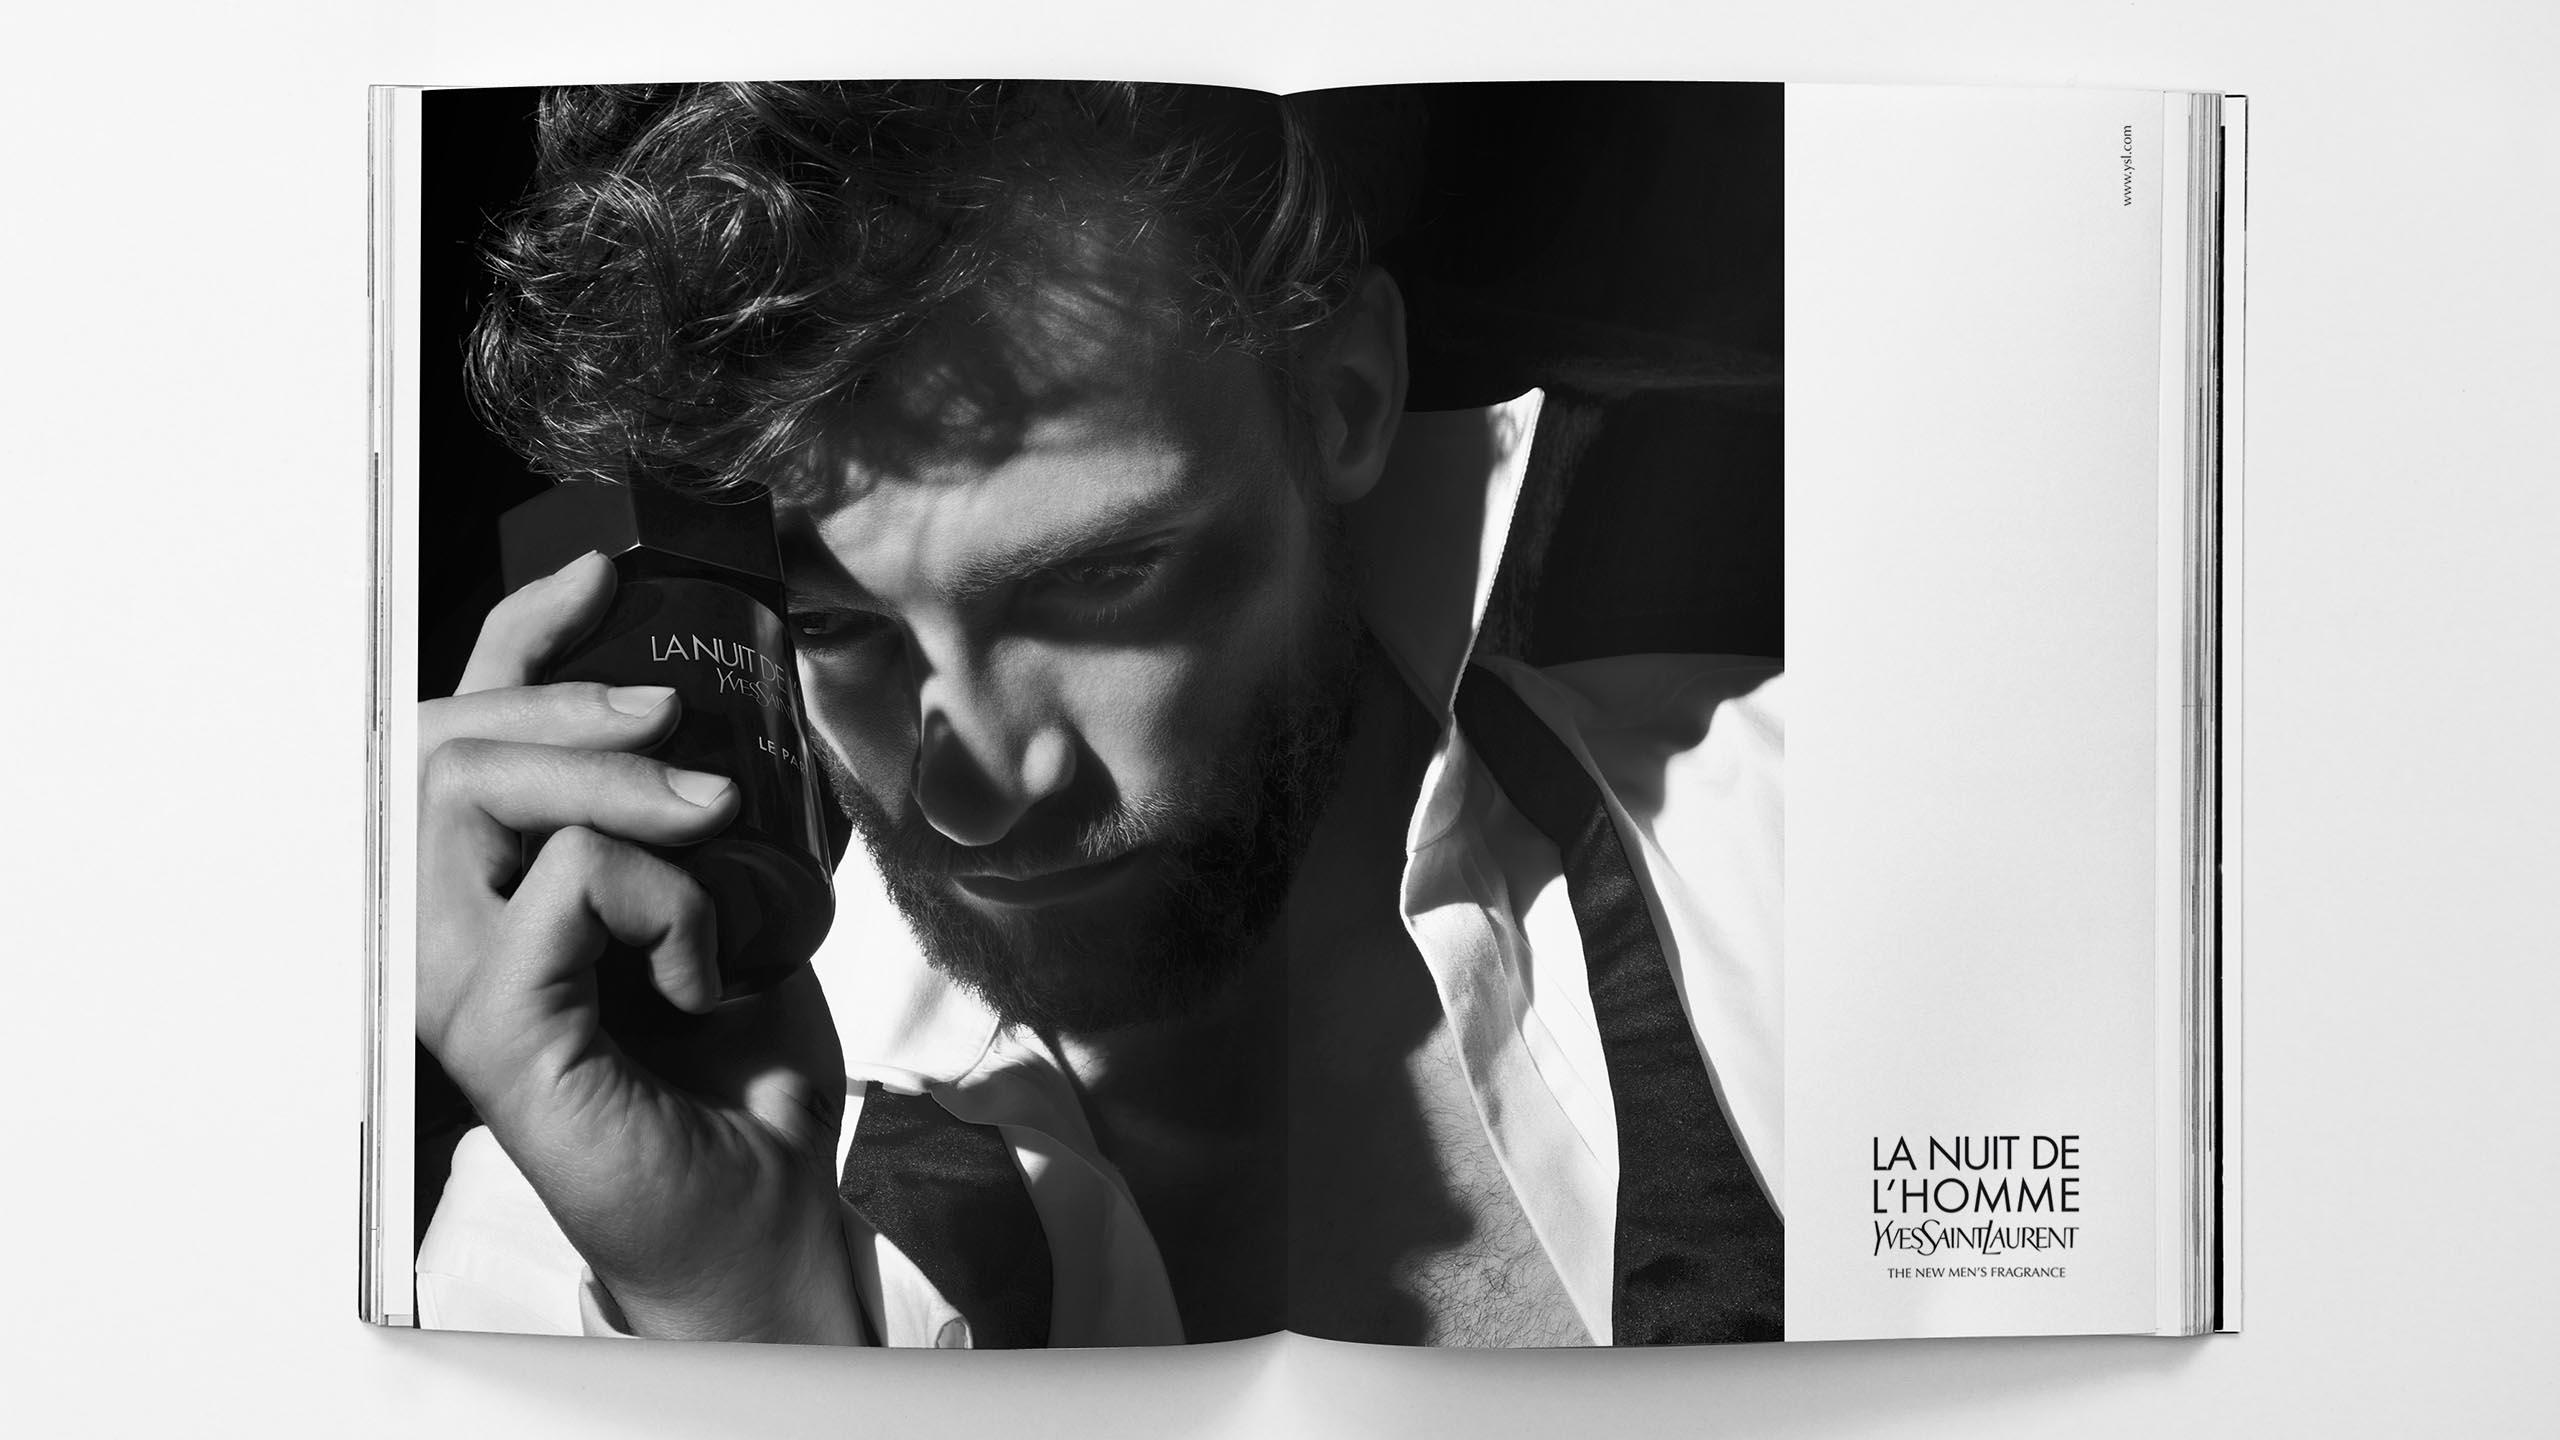 Study for a campaign visual for YSL's La Nuit de l'Homme